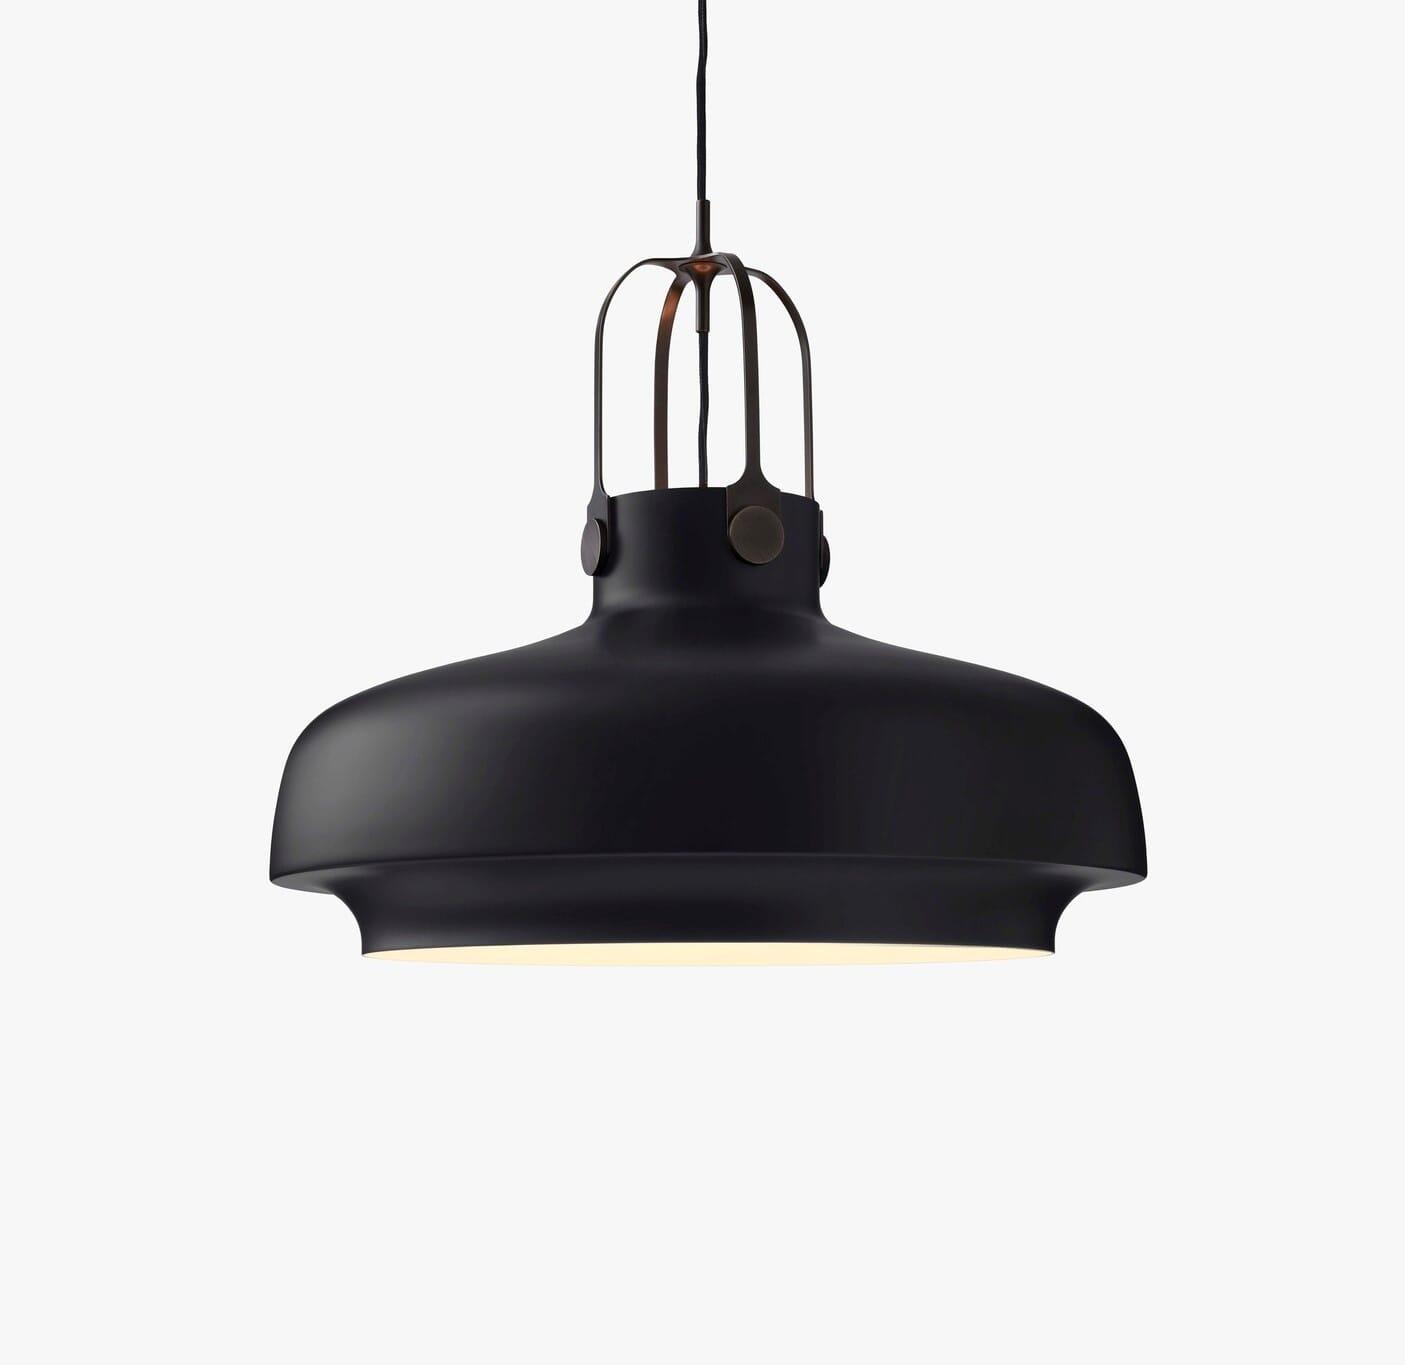 Om Våre Unike Kobber Lamper og Kobber Pynt | OrientDesign.no